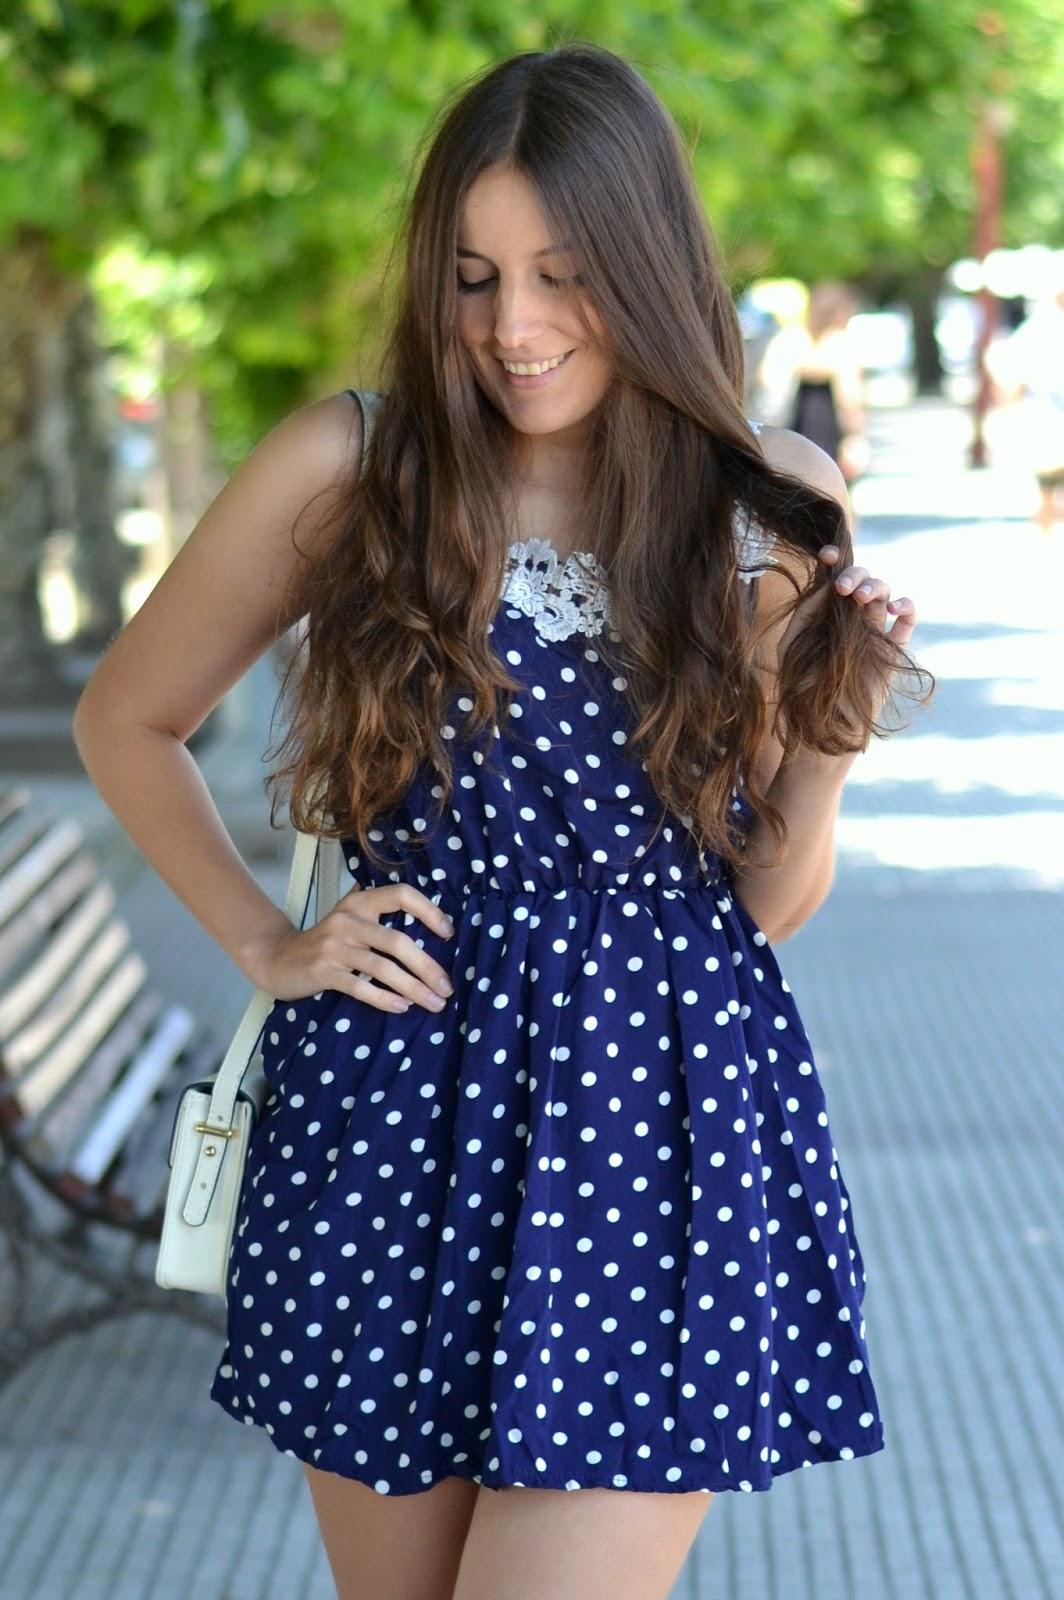 dressgal polka dots blue dress